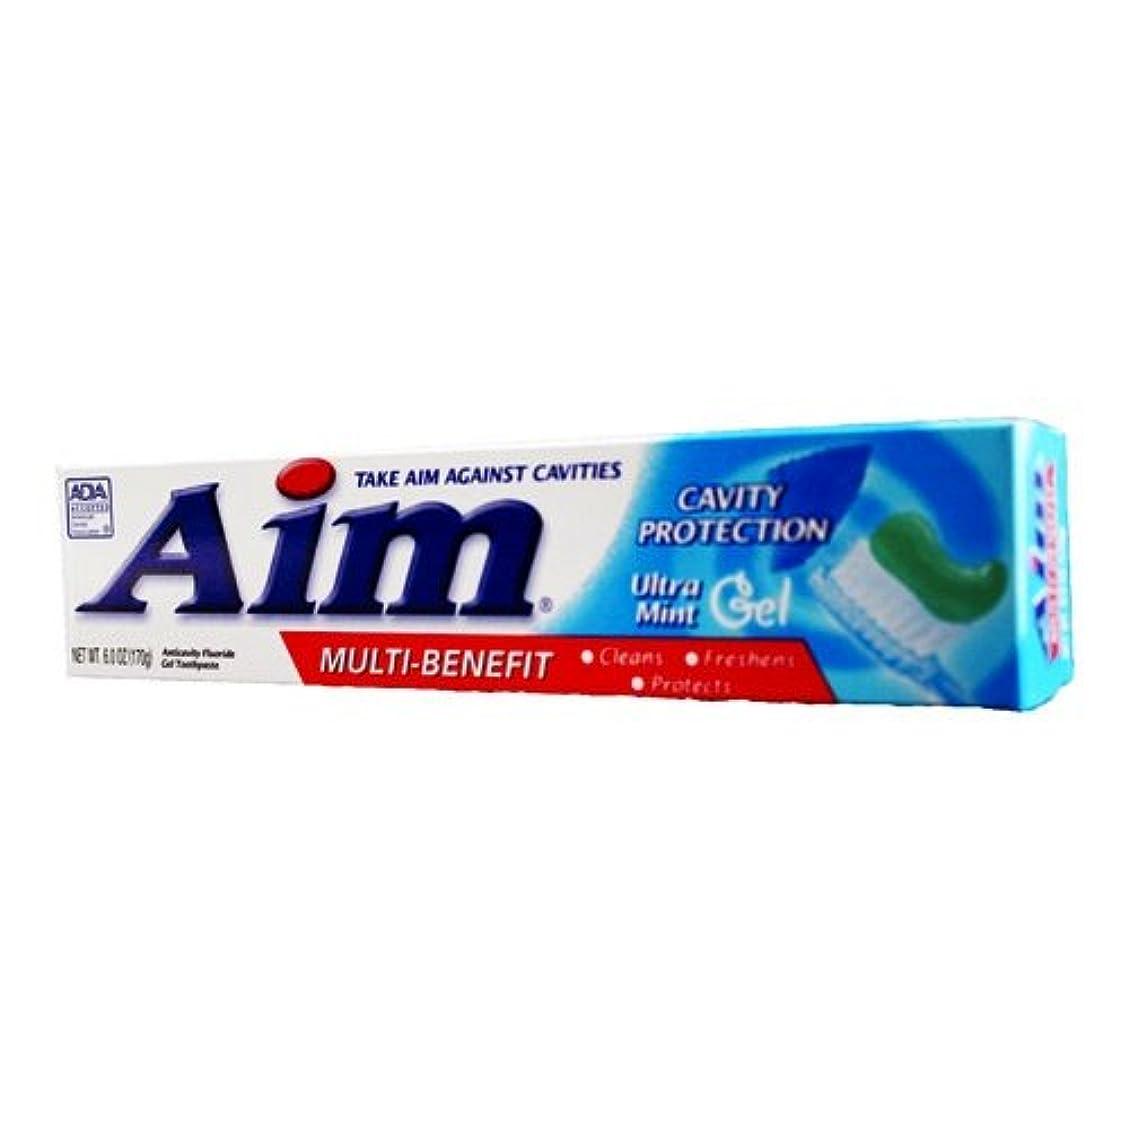 楽観野菜環境保護主義者Aim Cavity Protection Anticavity Fluoride Toothpaste, Ultra Mint Gel 180 ml (Pack of 12) (並行輸入品)